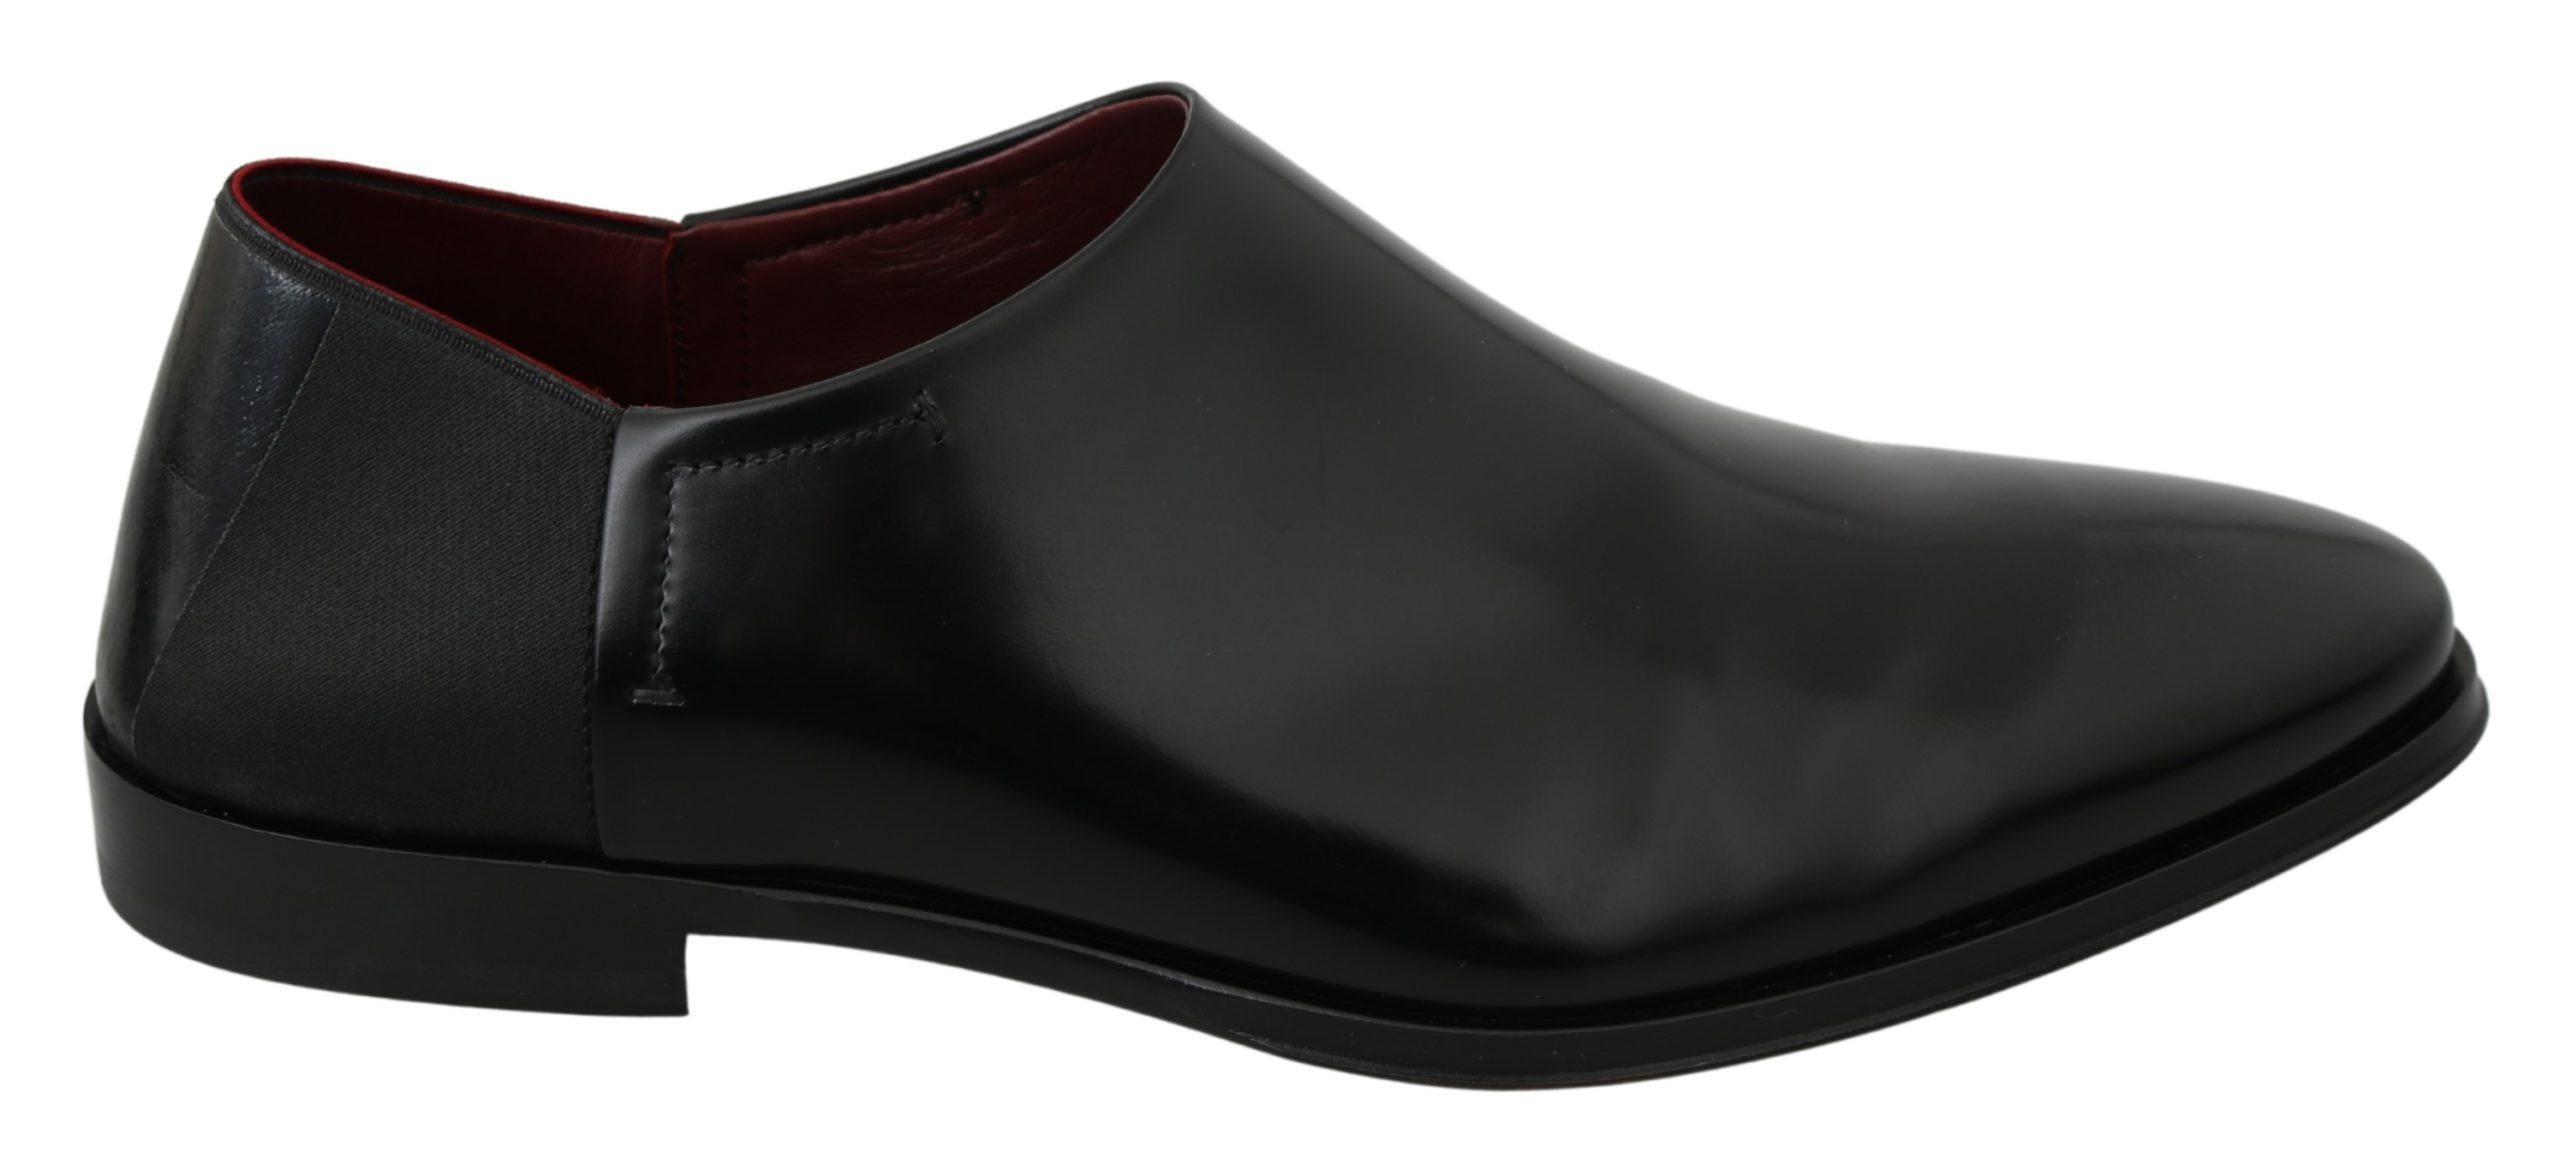 Dolce & Gabbana Men's Leather Formal Loafer Black MV2892 - EU42/US9